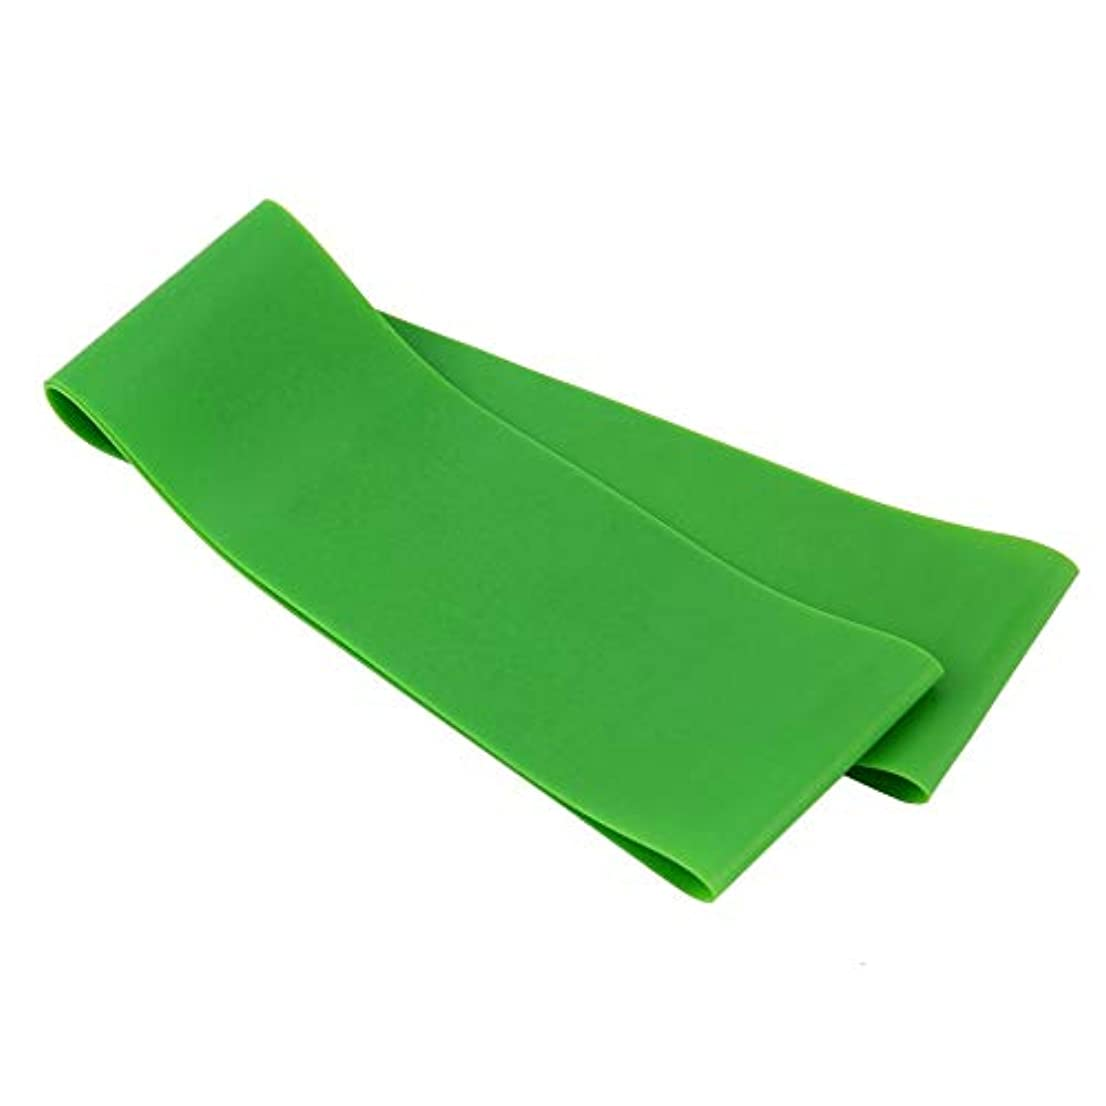 抽象化ペチュランス請願者滑り止め伸縮性ゴム弾性ヨガベルトバンドプルロープ張力抵抗バンドループ強度のためのフィットネスヨガツール - グリーン